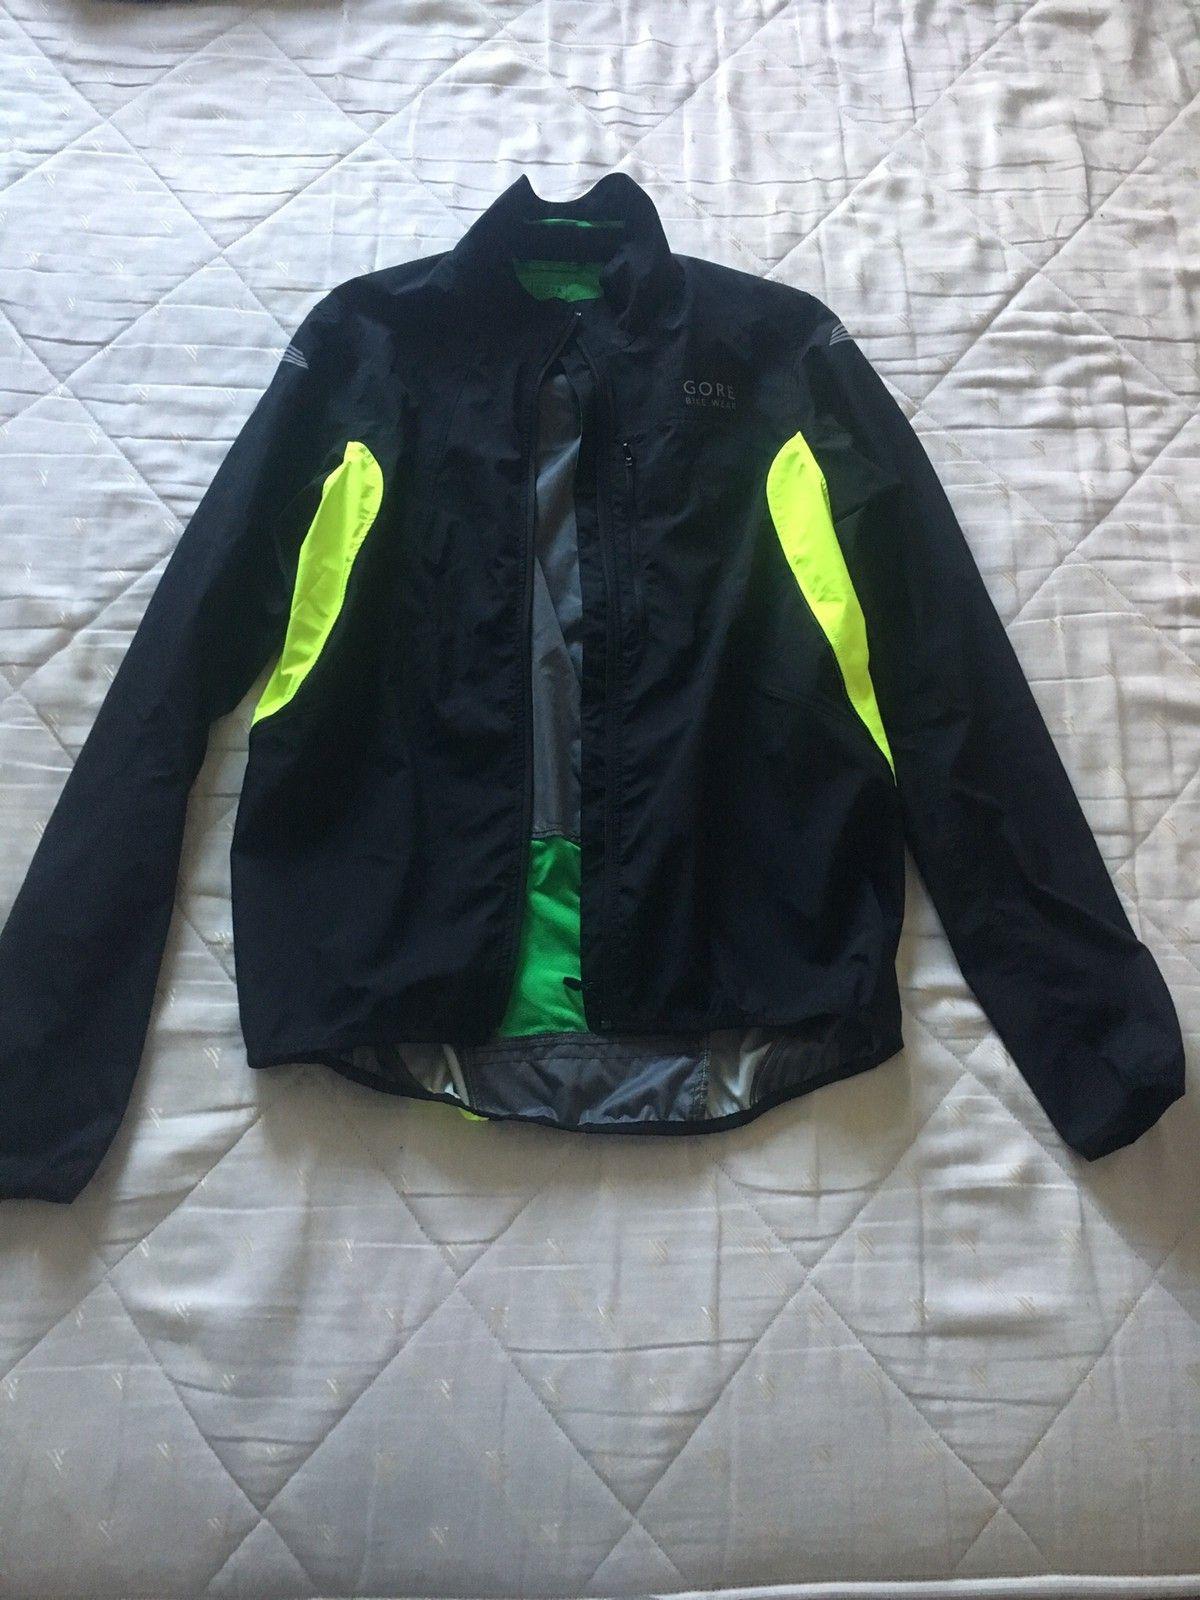 sykkeljakke gore jakke   FINN.no